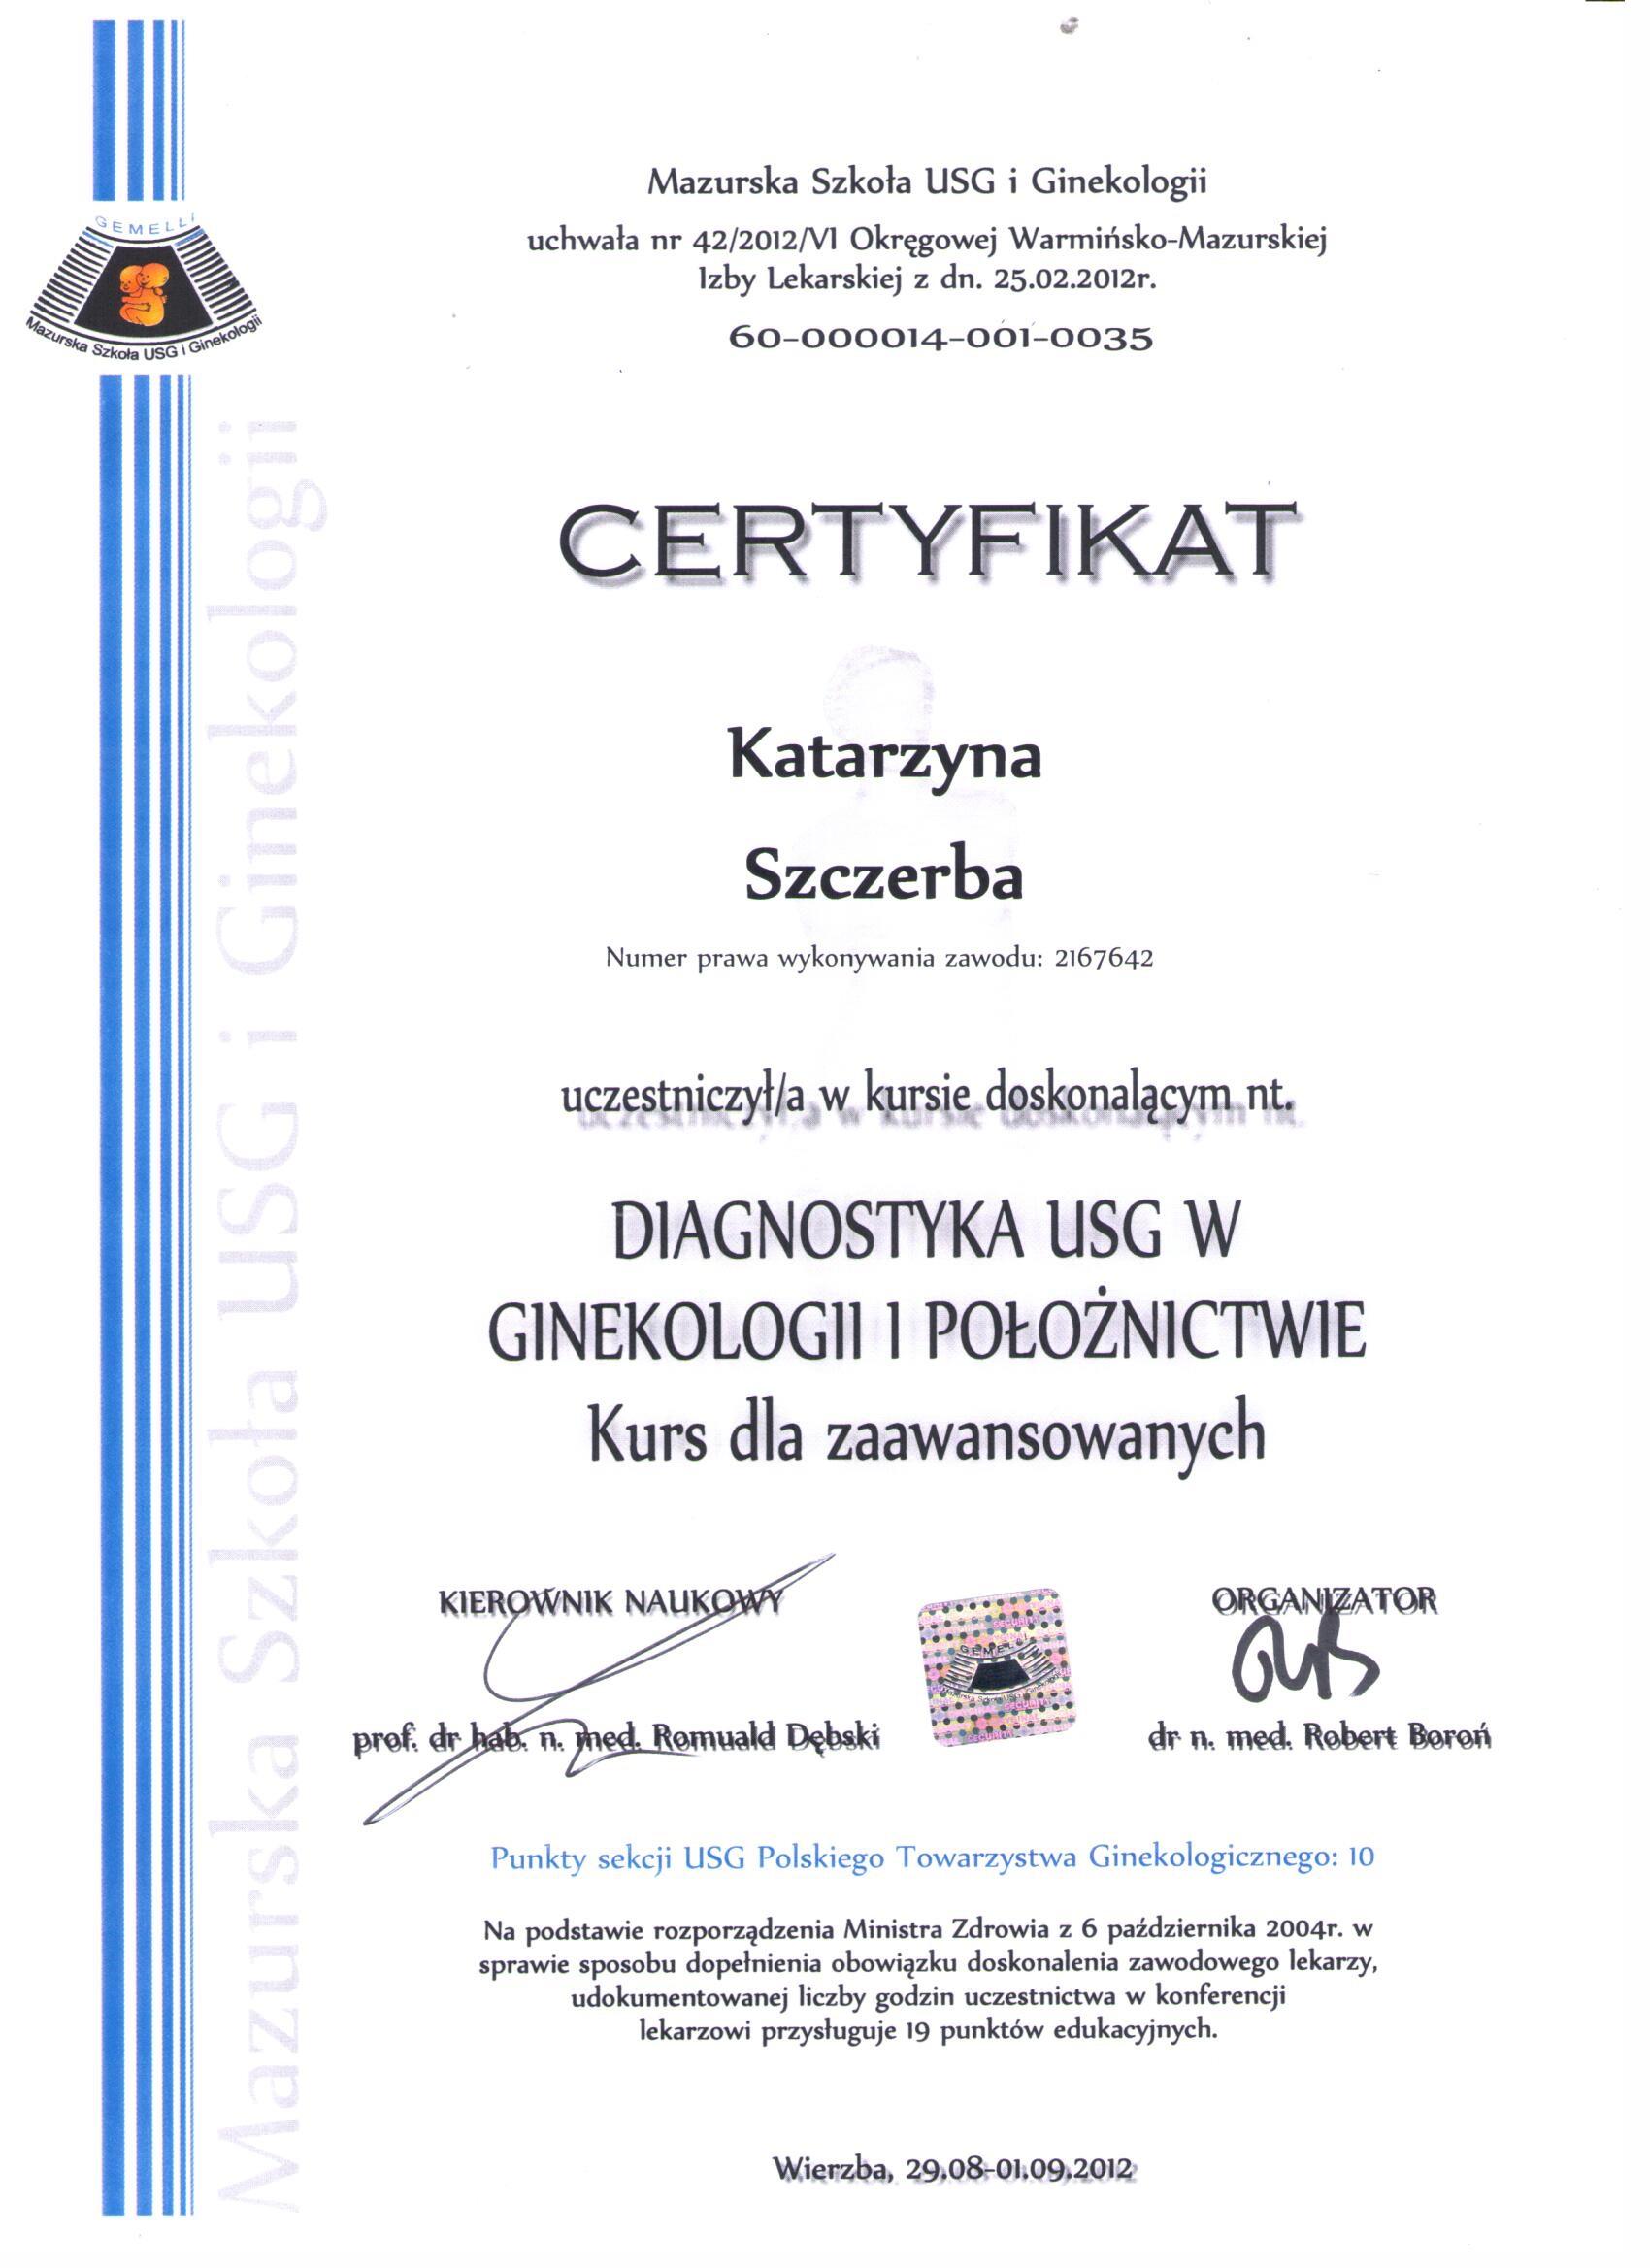 Ginekolog Kołobrzeg